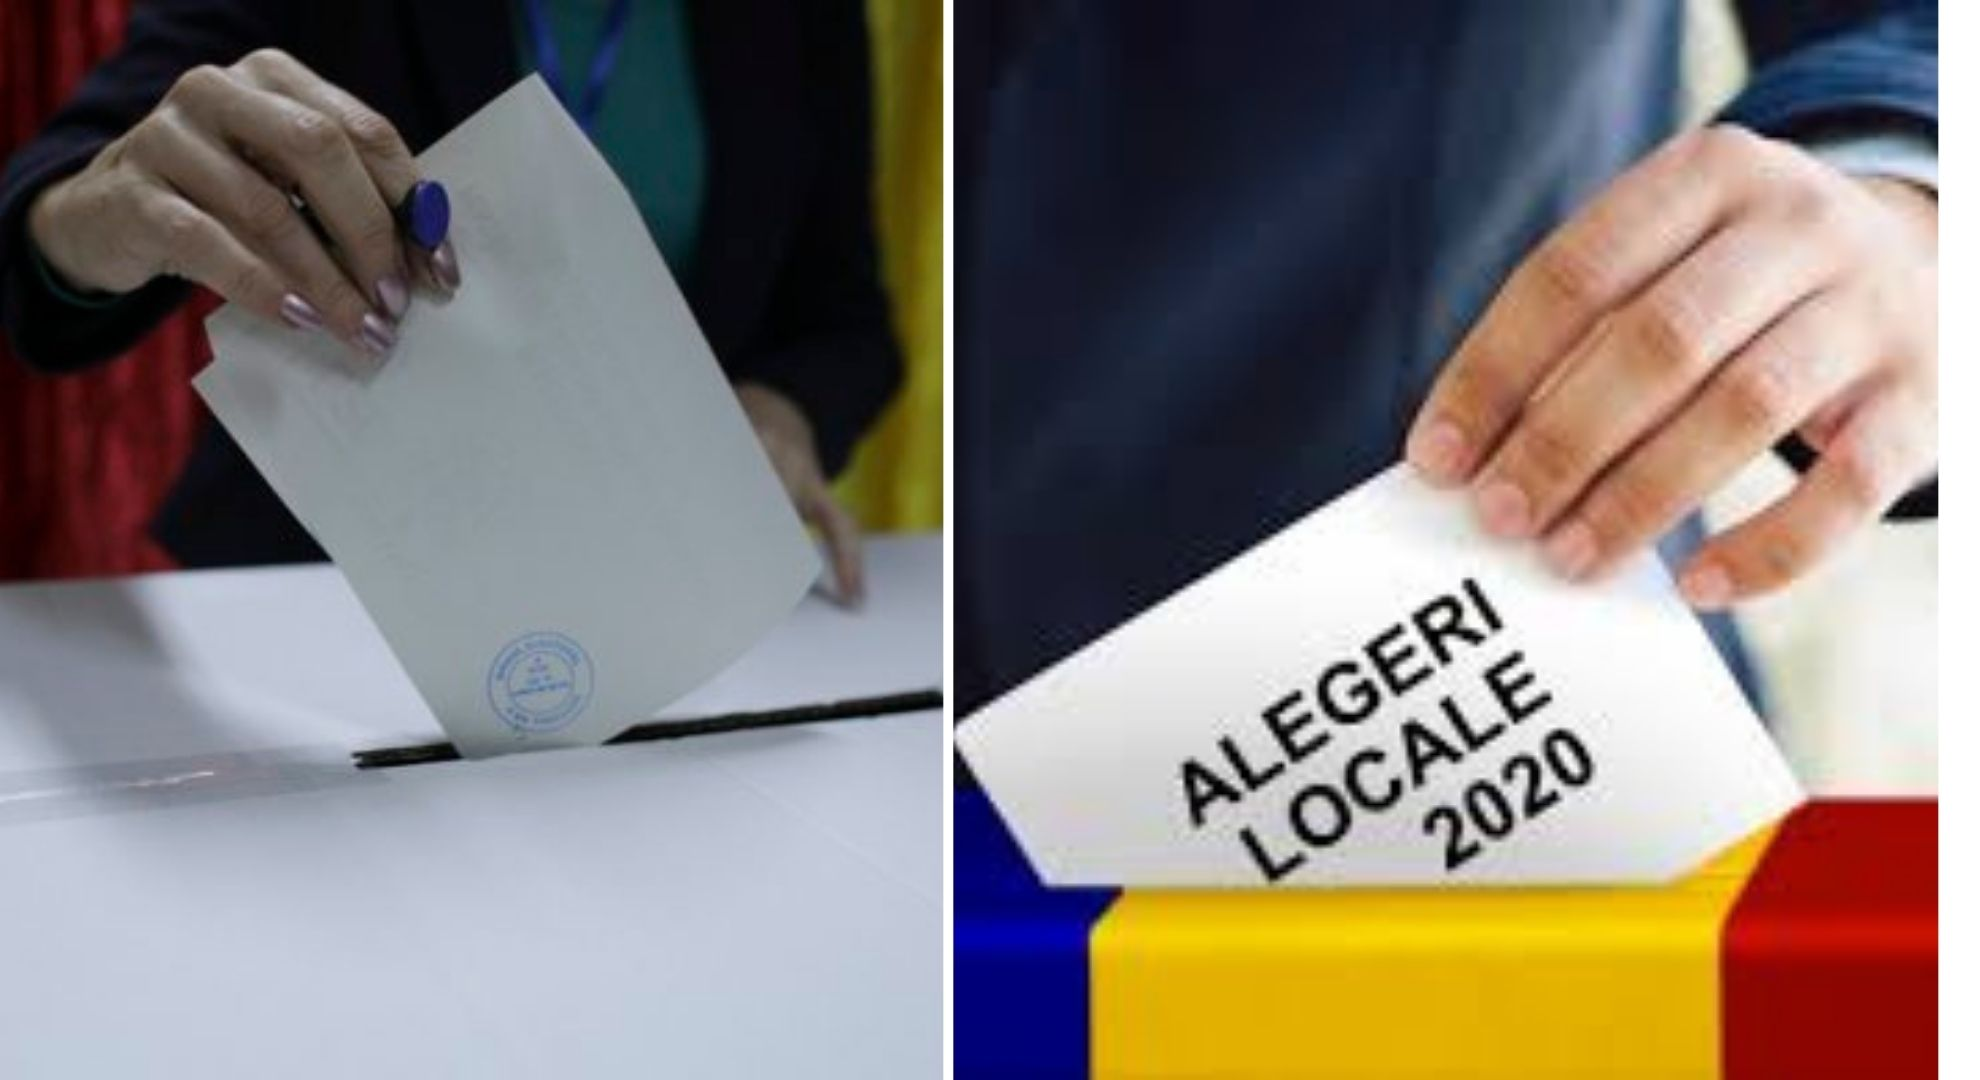 Alegeri locale 2020. Ce se întâmplă cu cei care ajung la vot și au temperatură mare